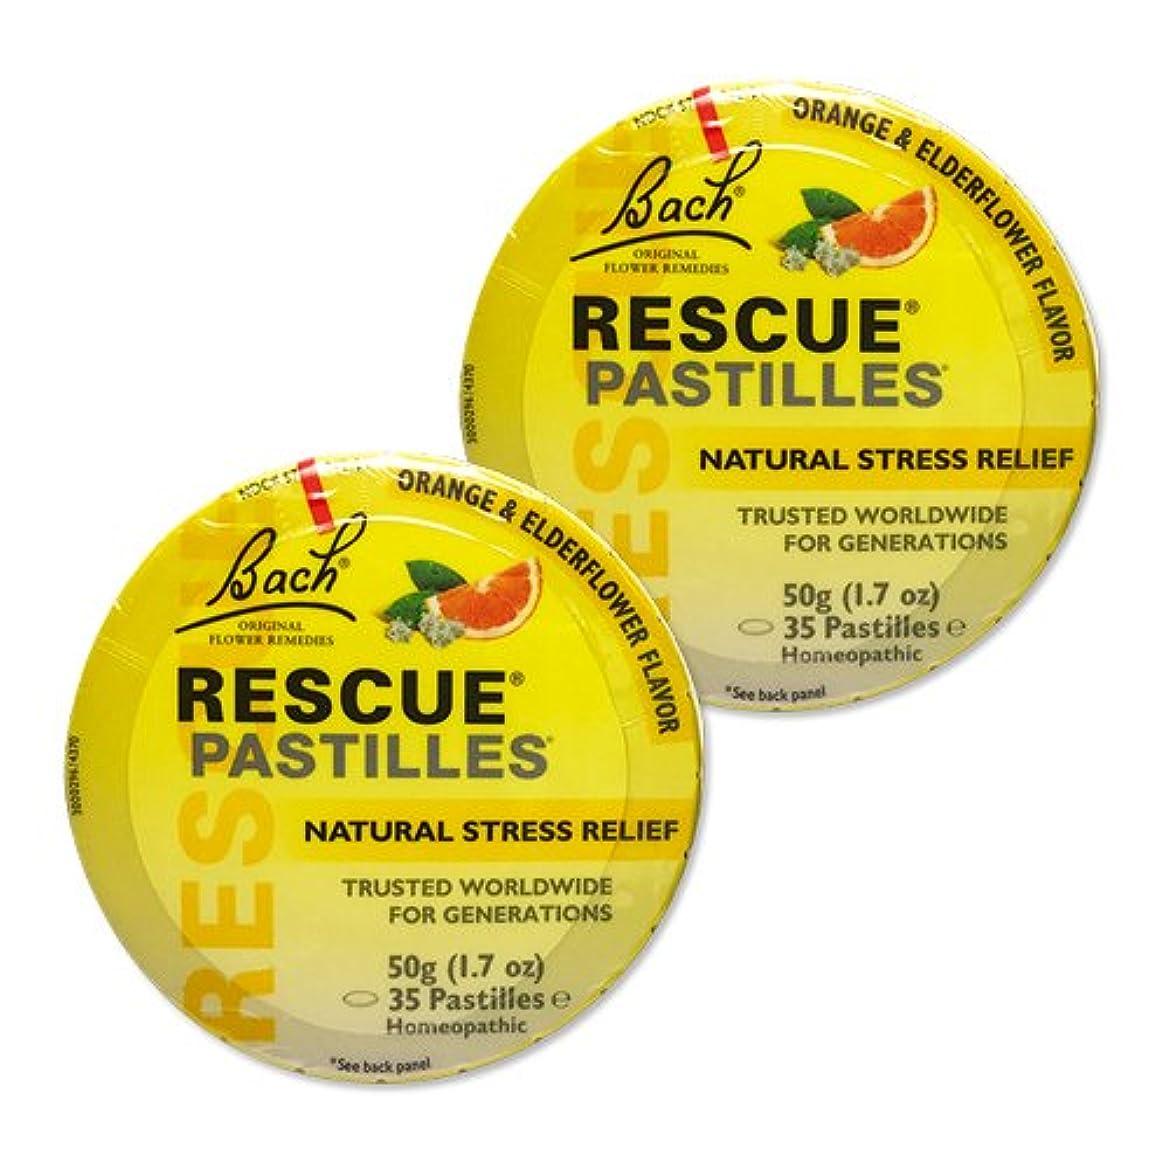 メールを書く評決バッテリー【2個セット】 [海外直送品]バッチフラワー レスキューレメディー パステル(オレンジ) Rescue Pastilles: For Occasional...